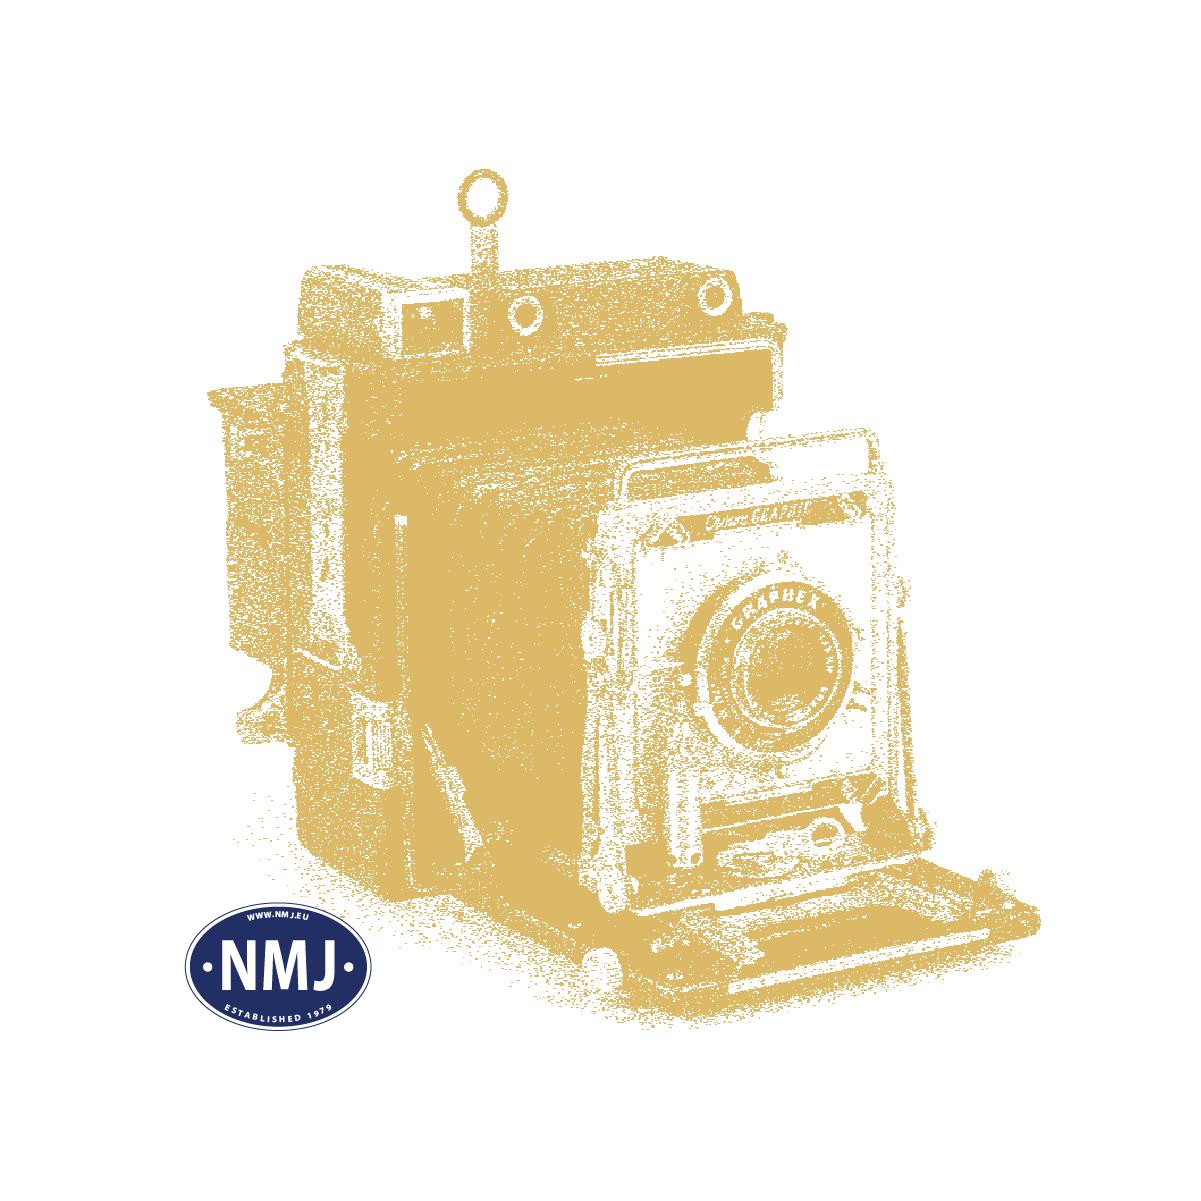 NMJT81.993 - NMJ Topline BM71/73, 3 Lyslister, Utvidelsessett, DC/DCC